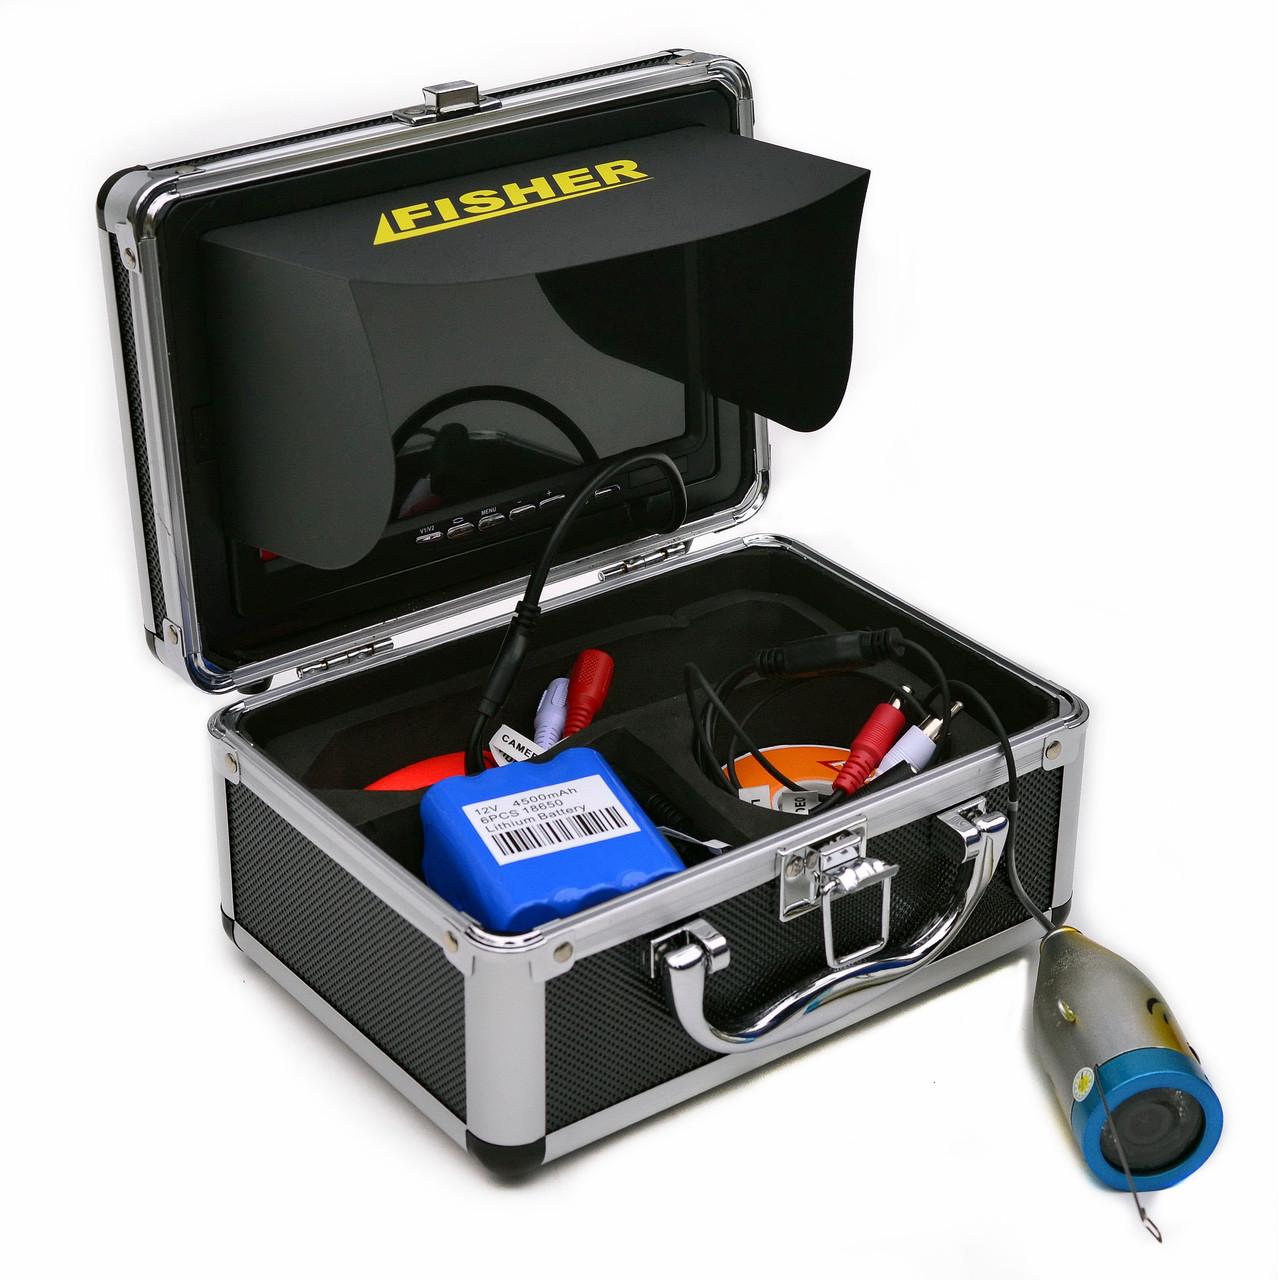 Підводна камера Fisher CR110-7S 15 з відключенням LED монітора